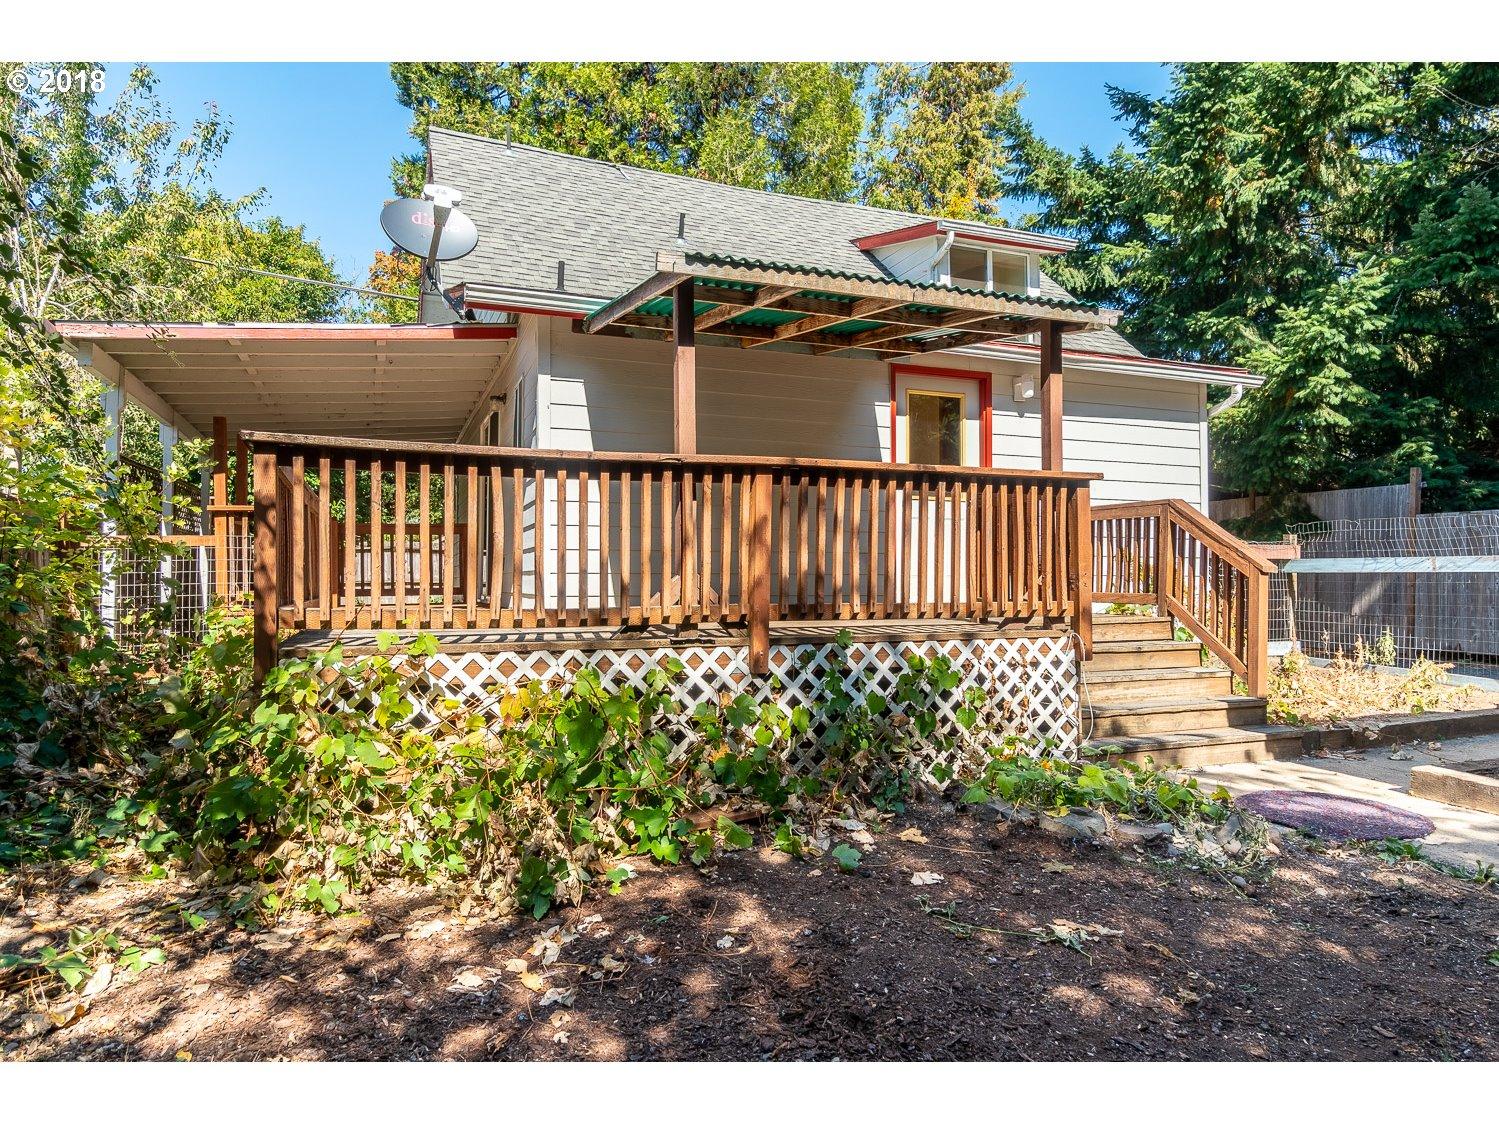 Eugene 0 Bedroom Home For Sale